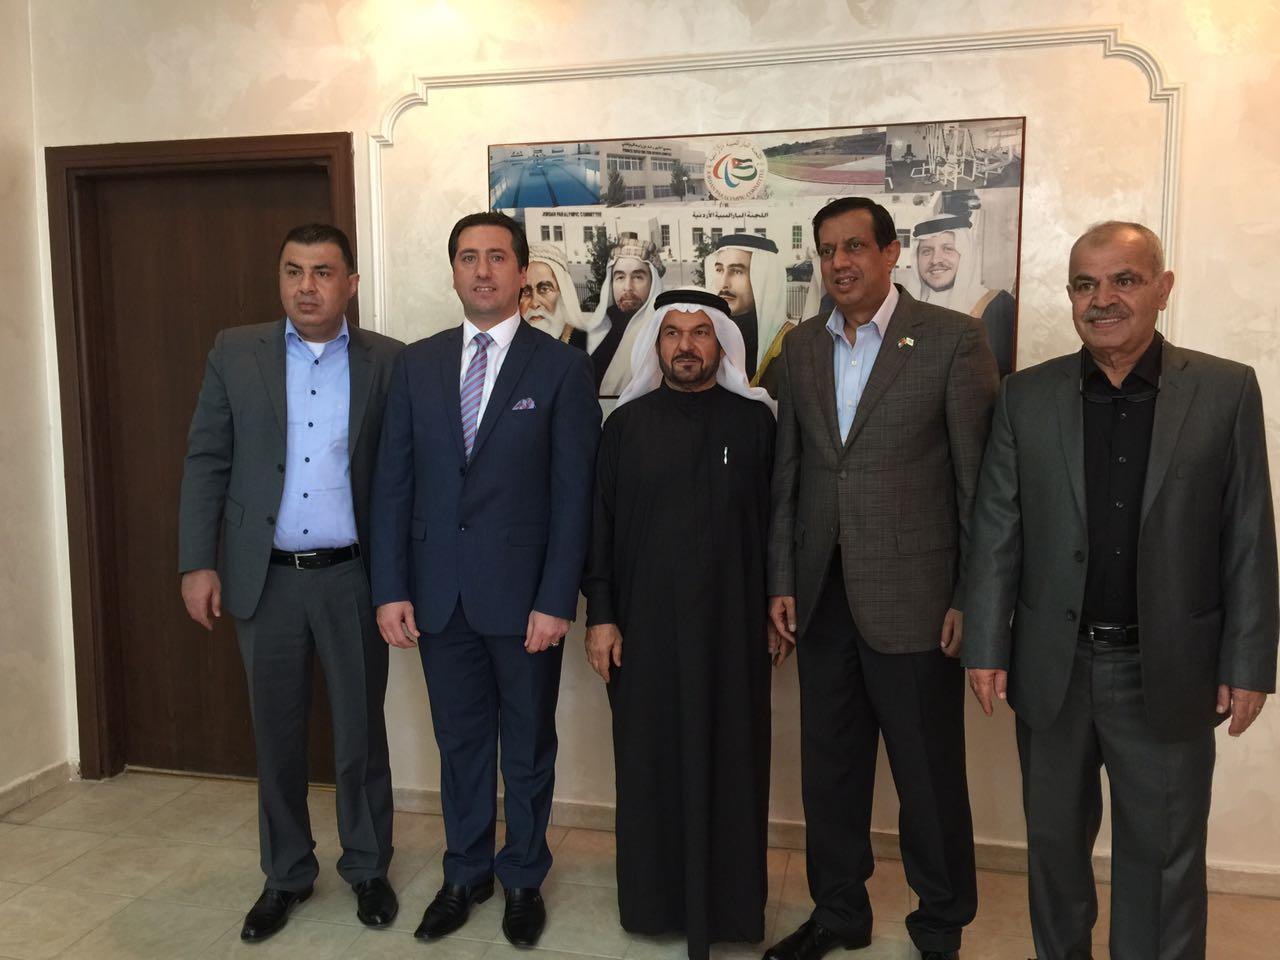 زيارة ودية واجتماع ثنائي بين اتحاد غرب آسيا واللجنة البارالمبية الأردنية